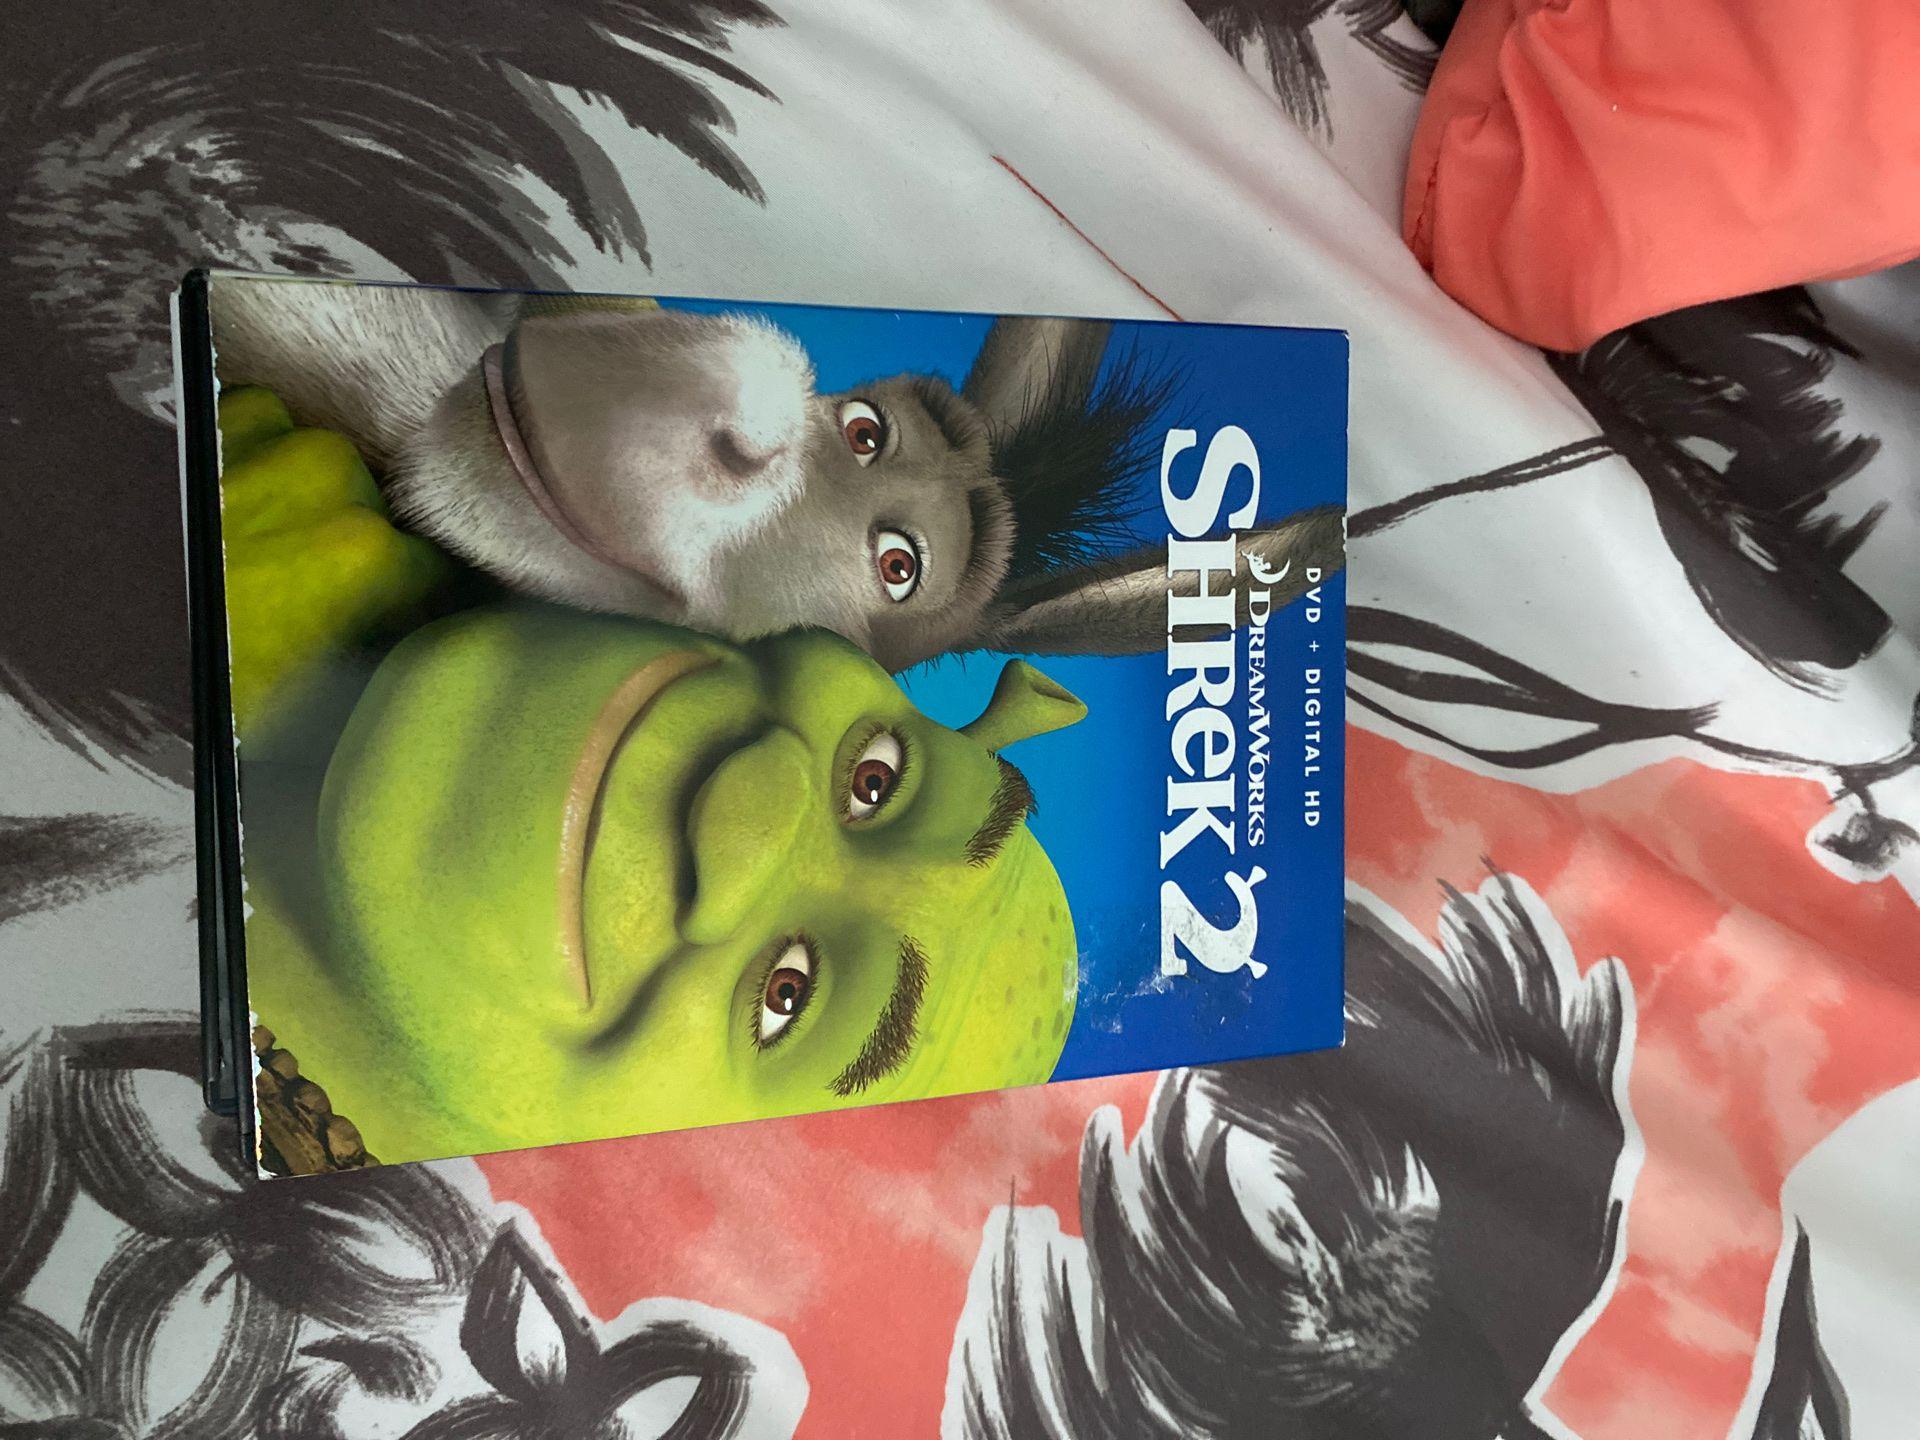 Shrek 2 Movie!